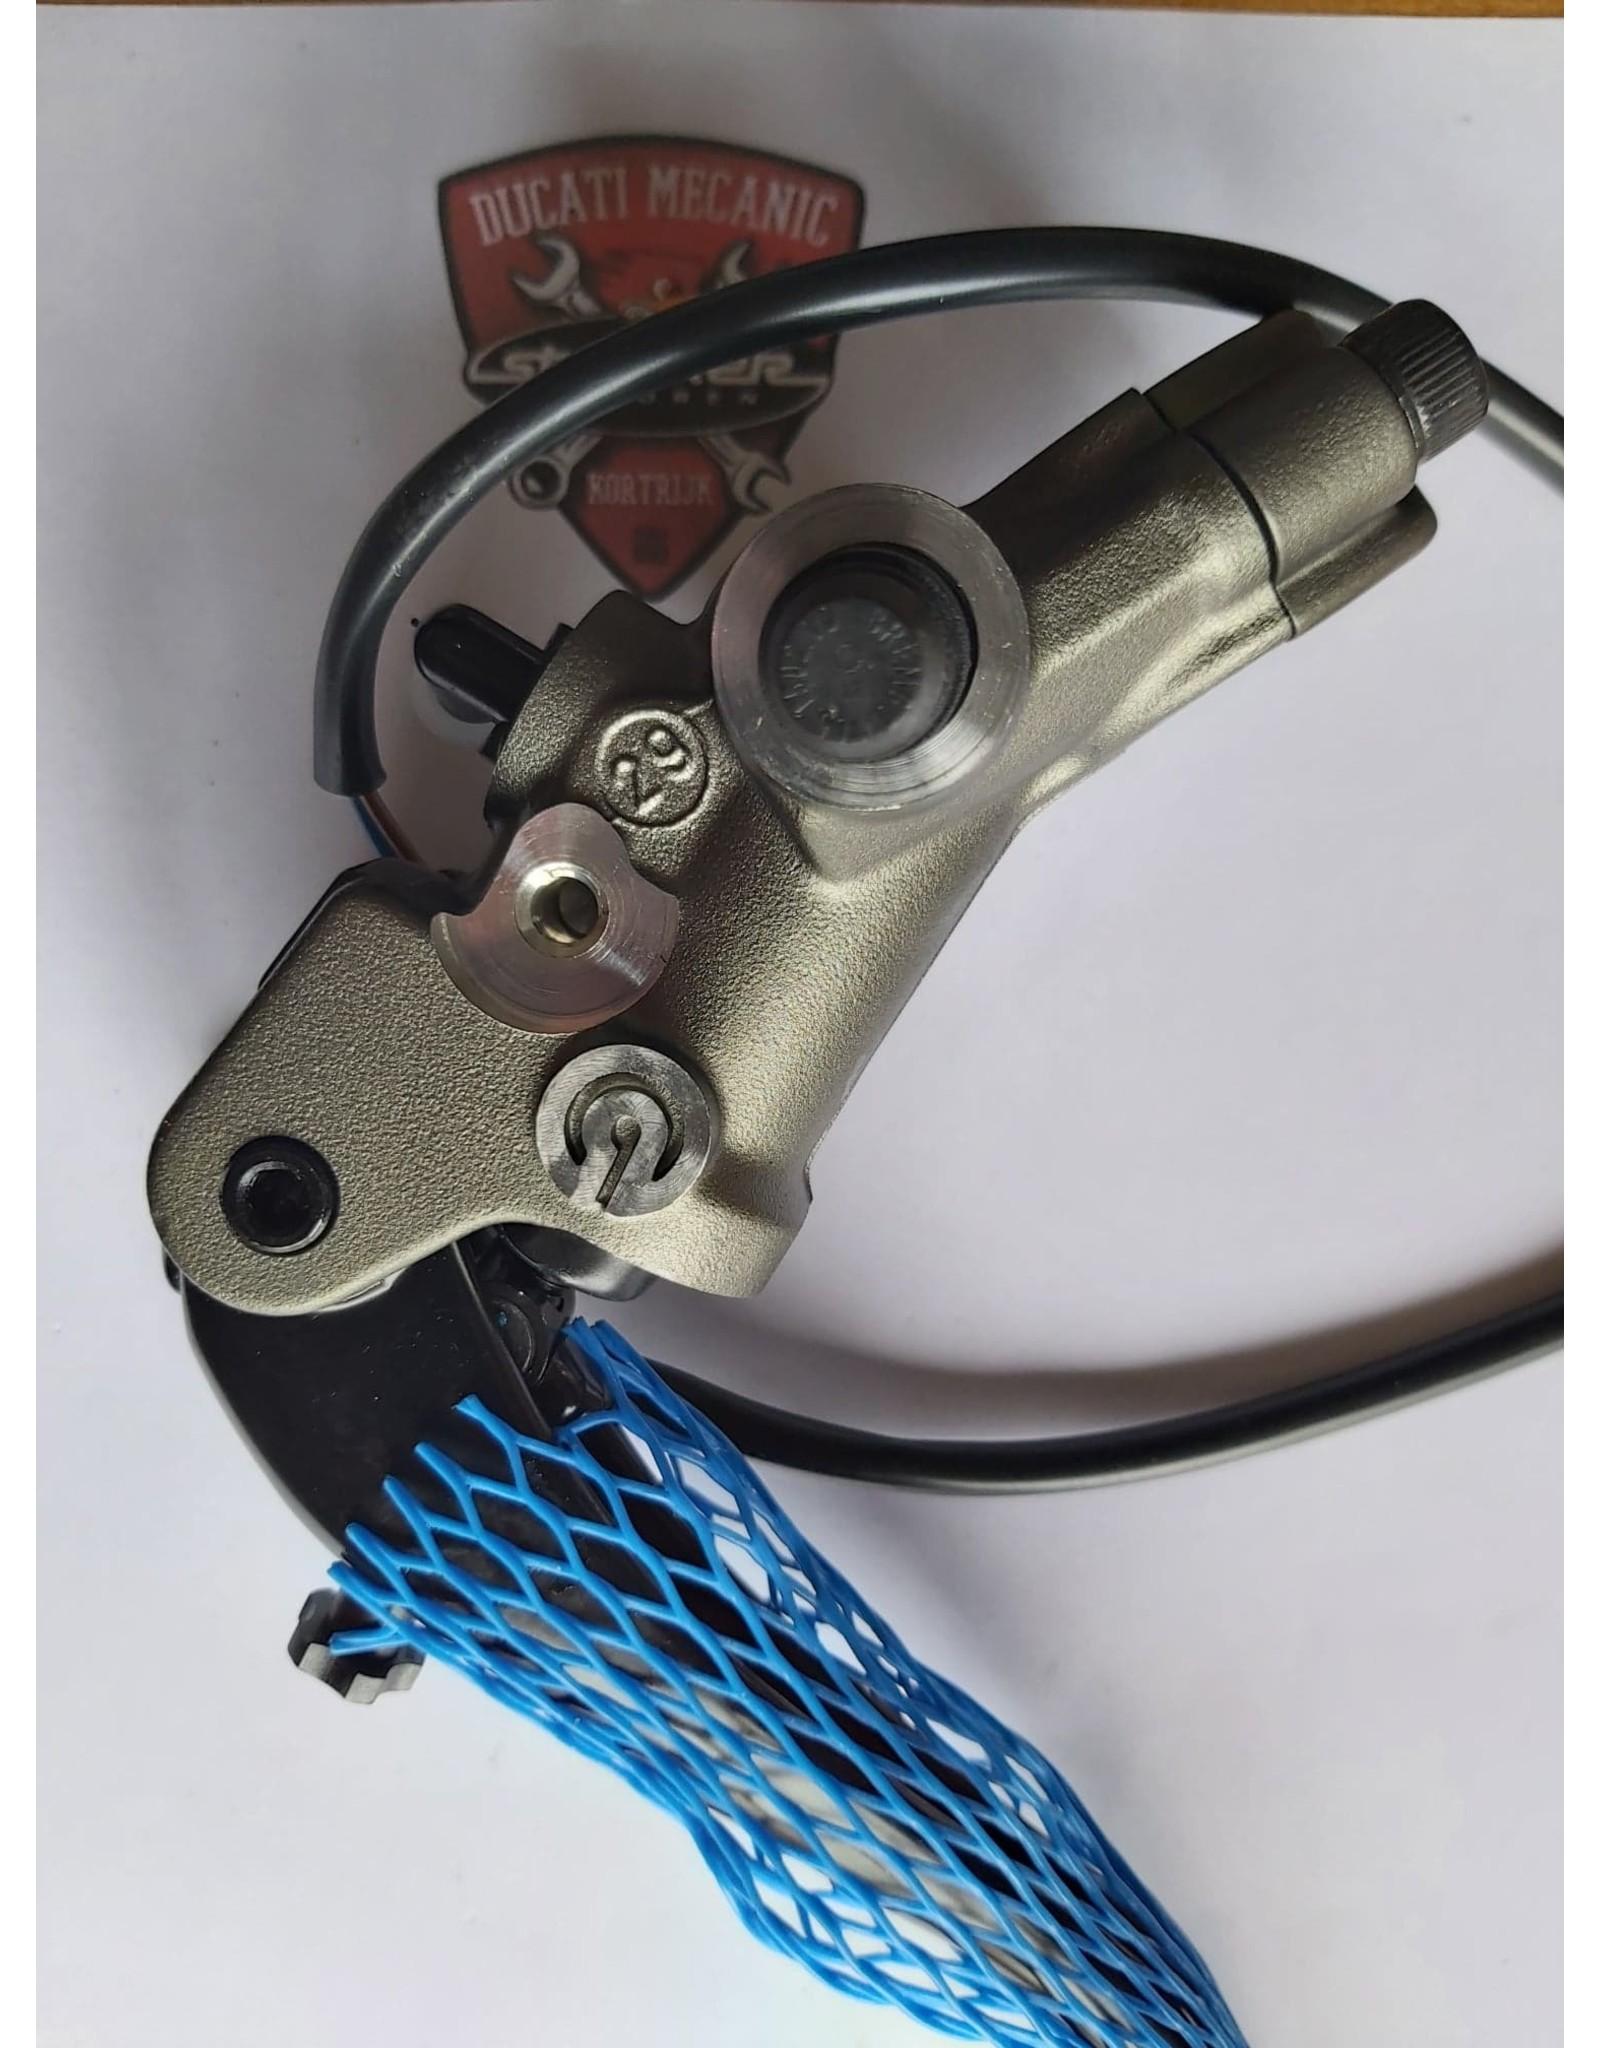 Ducati DUCATI CLUTCH MASTER CYLINDER 63040553A